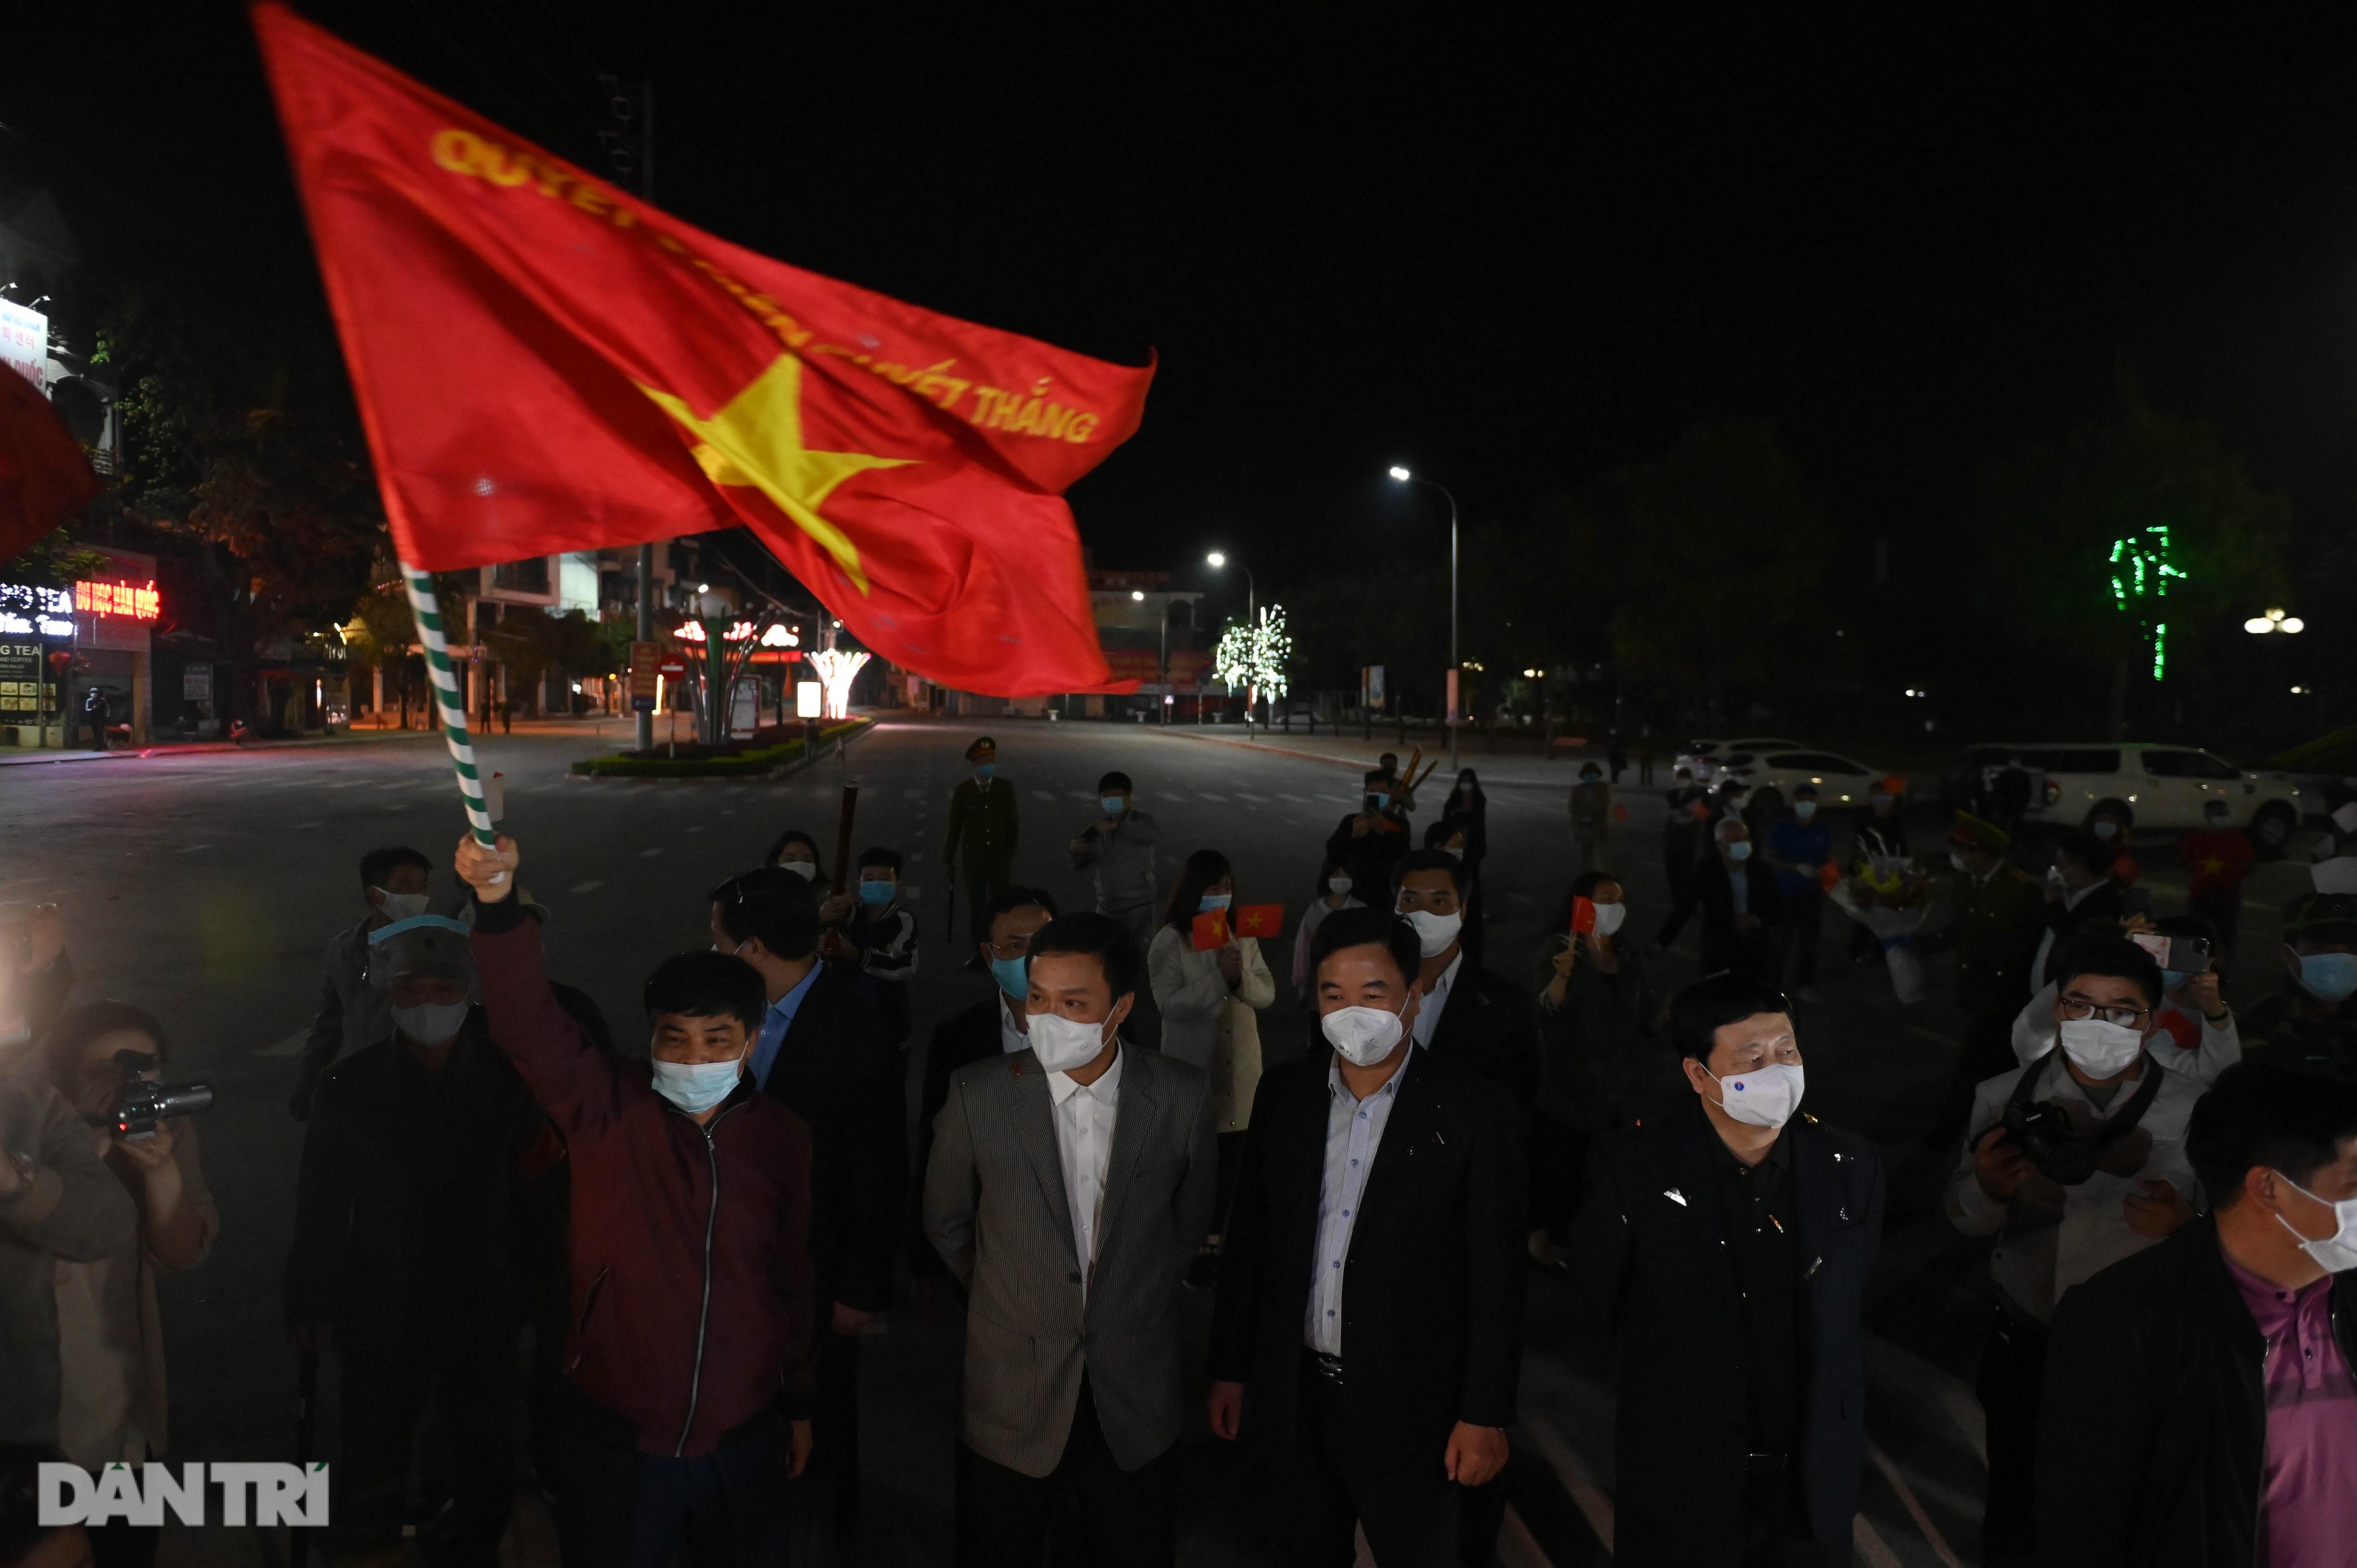 Pháo hoa rực rỡ, người dân vỡ òa cảm xúc khi TP Chí Linh được gỡ phong tỏa - Ảnh 8.